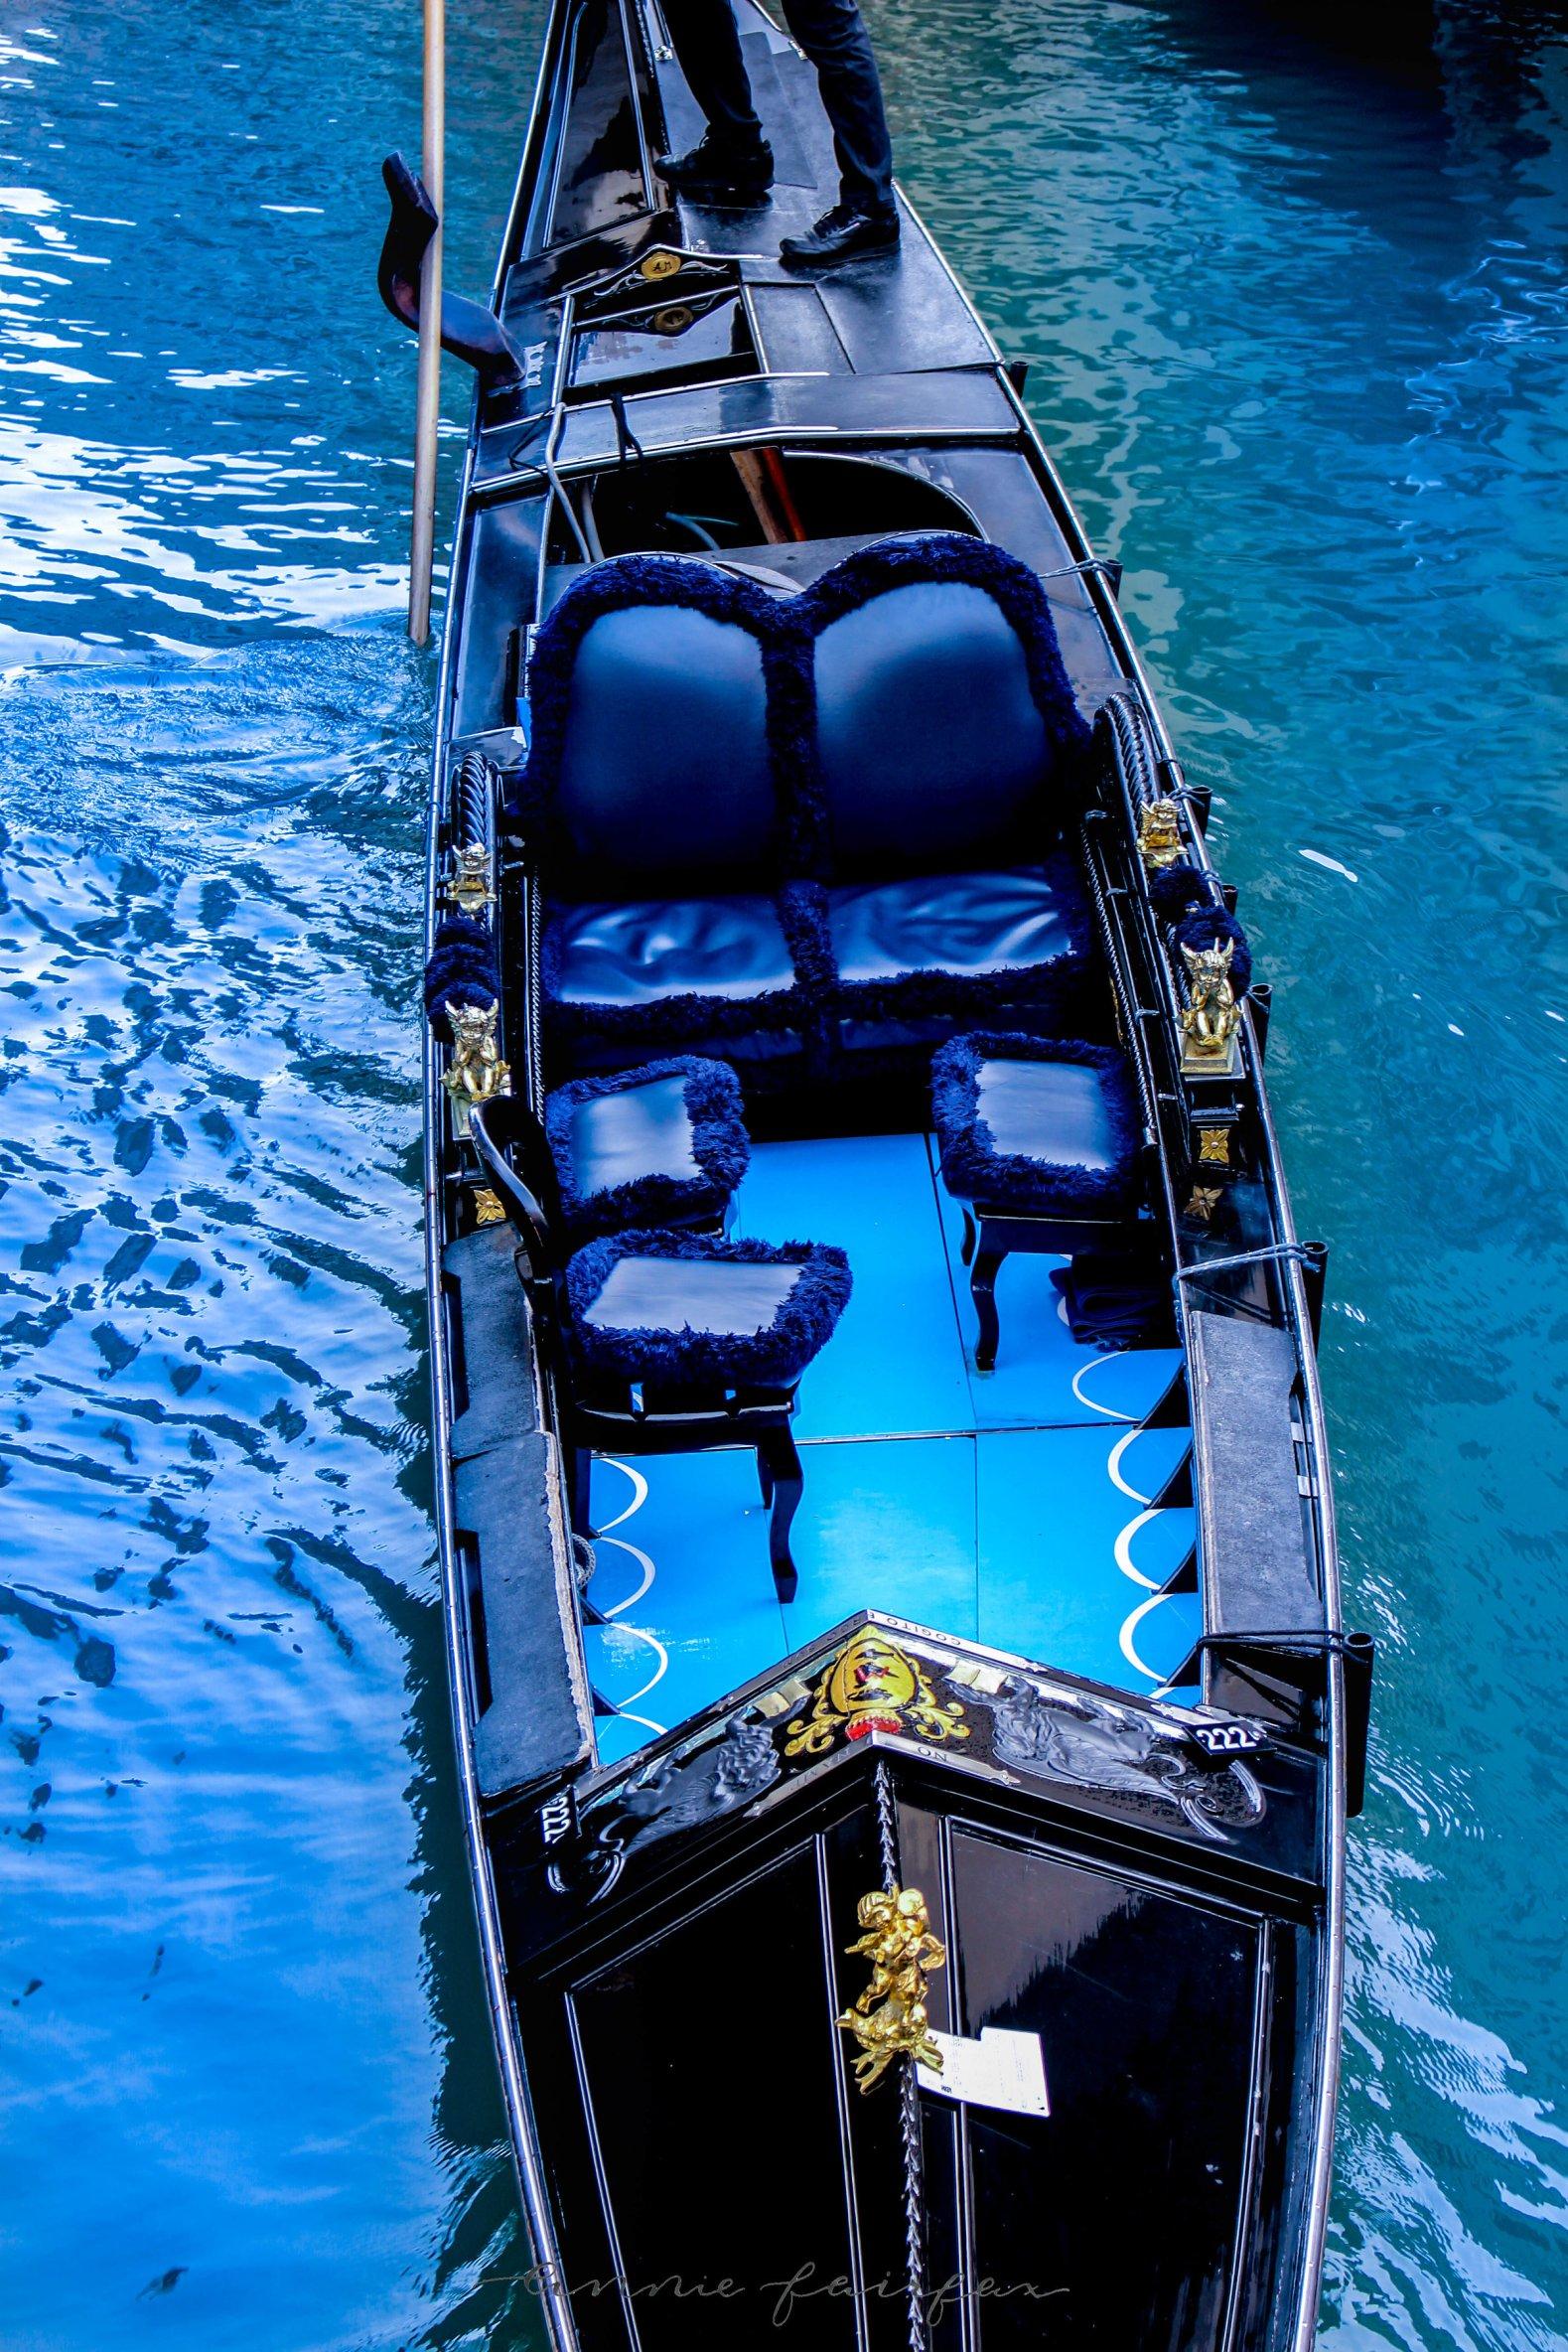 blue and black gondola Venice Italy